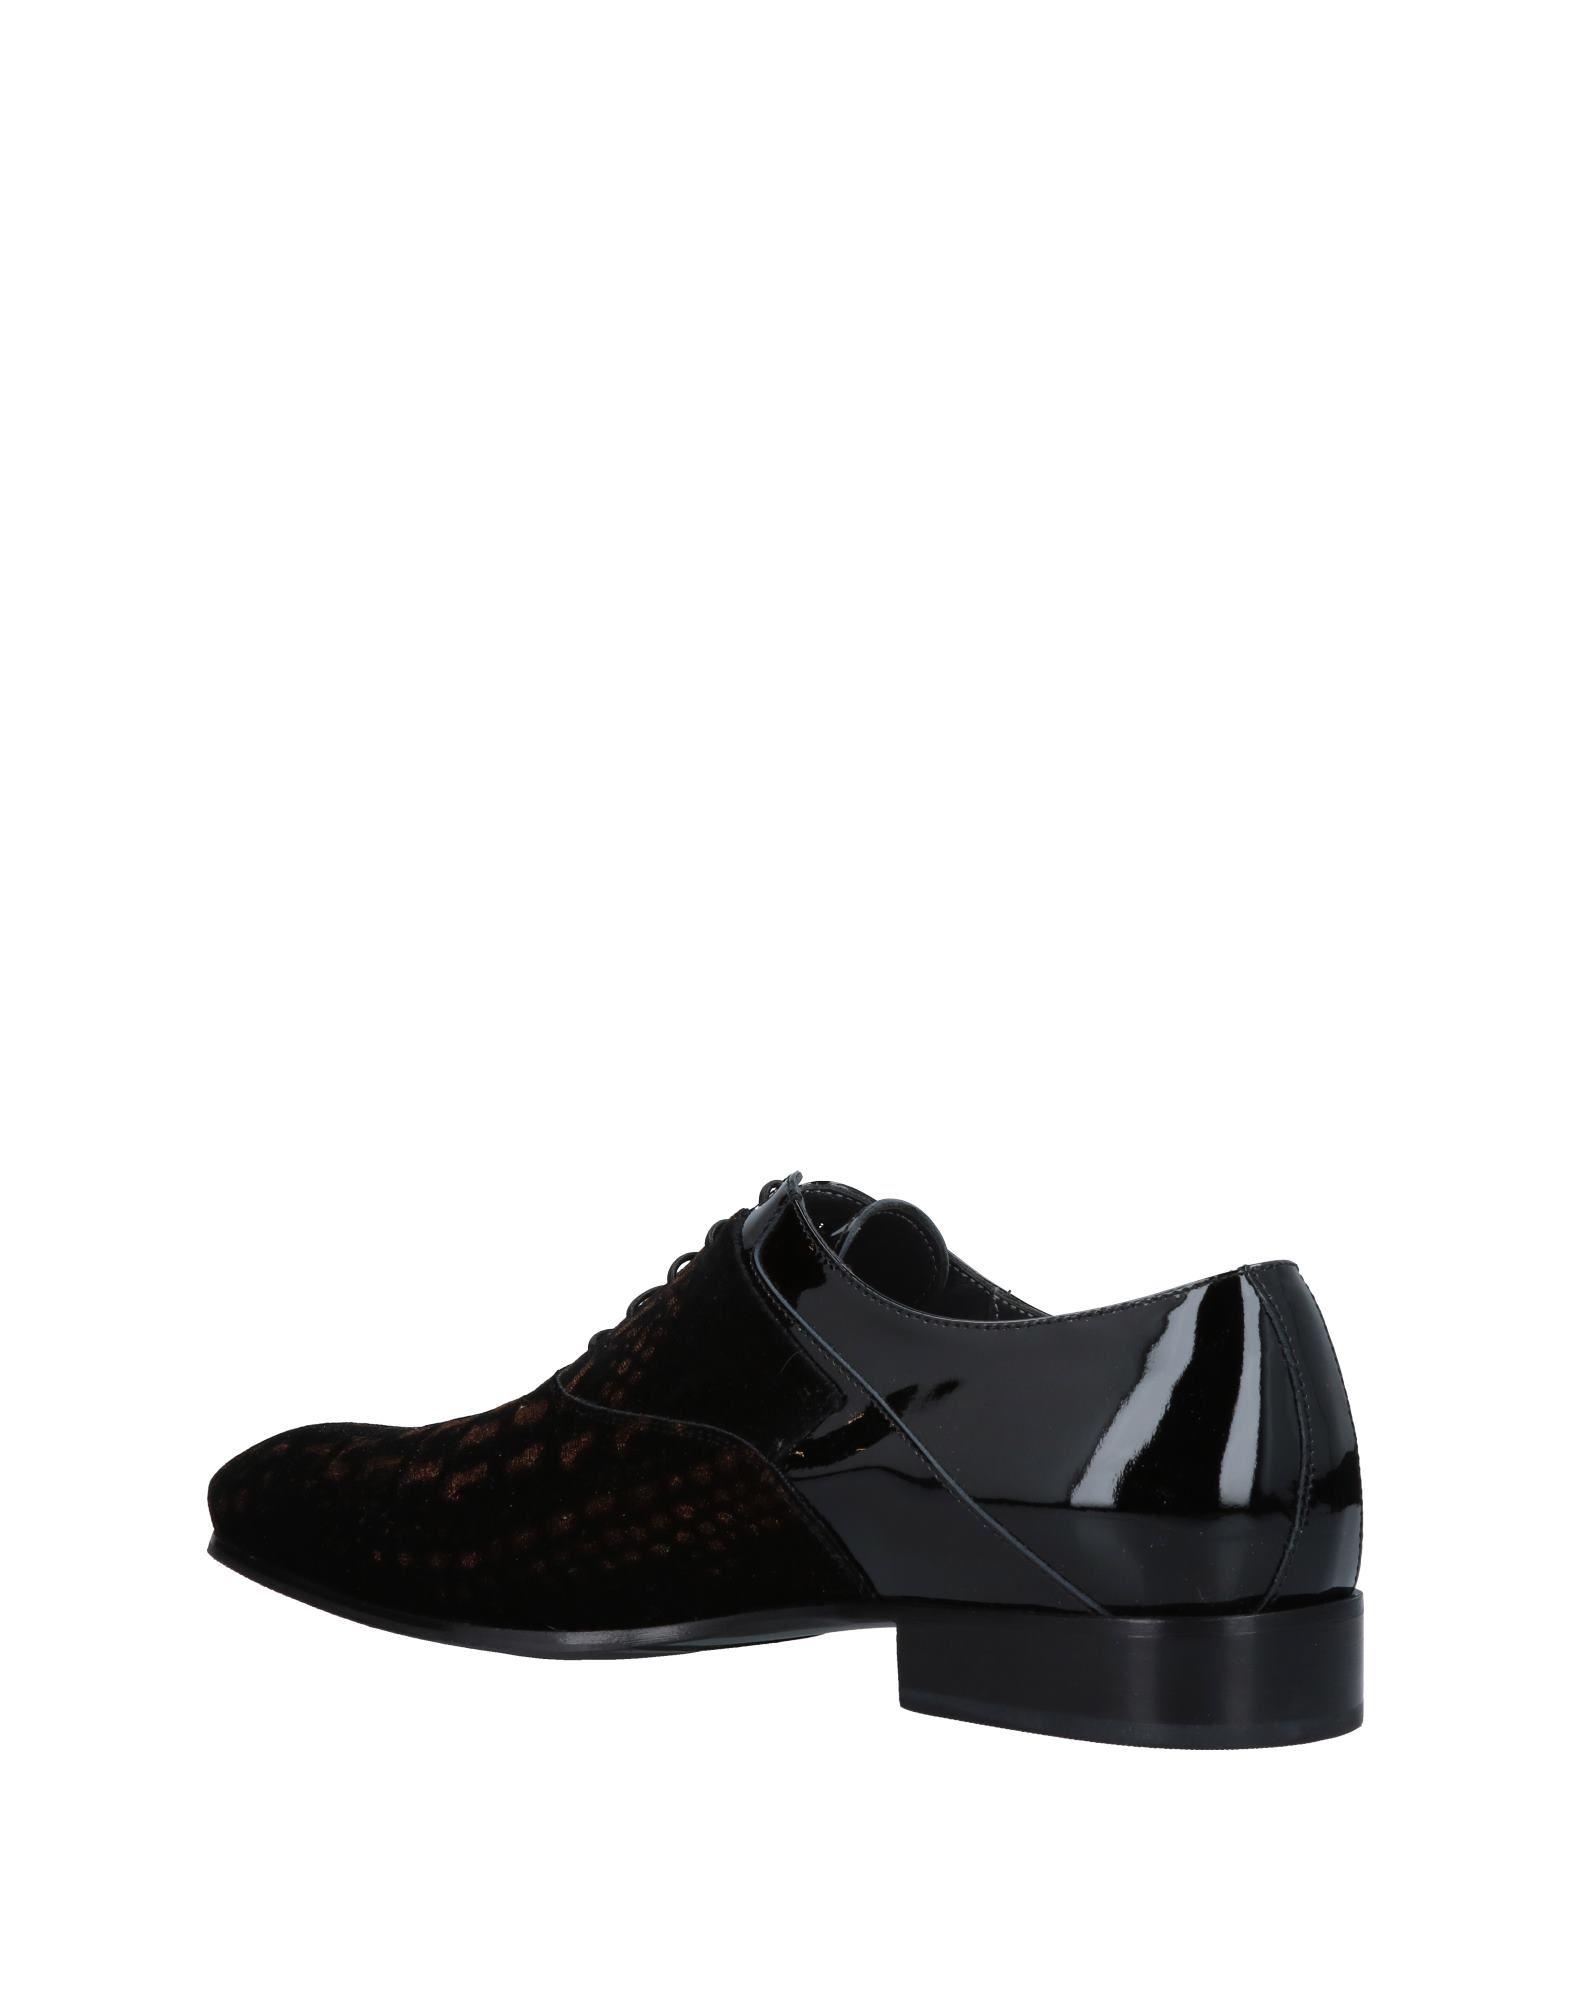 Giovanni Conti Schuhe Schnürschuhe Herren  11412813LN Neue Schuhe Conti 20fb16